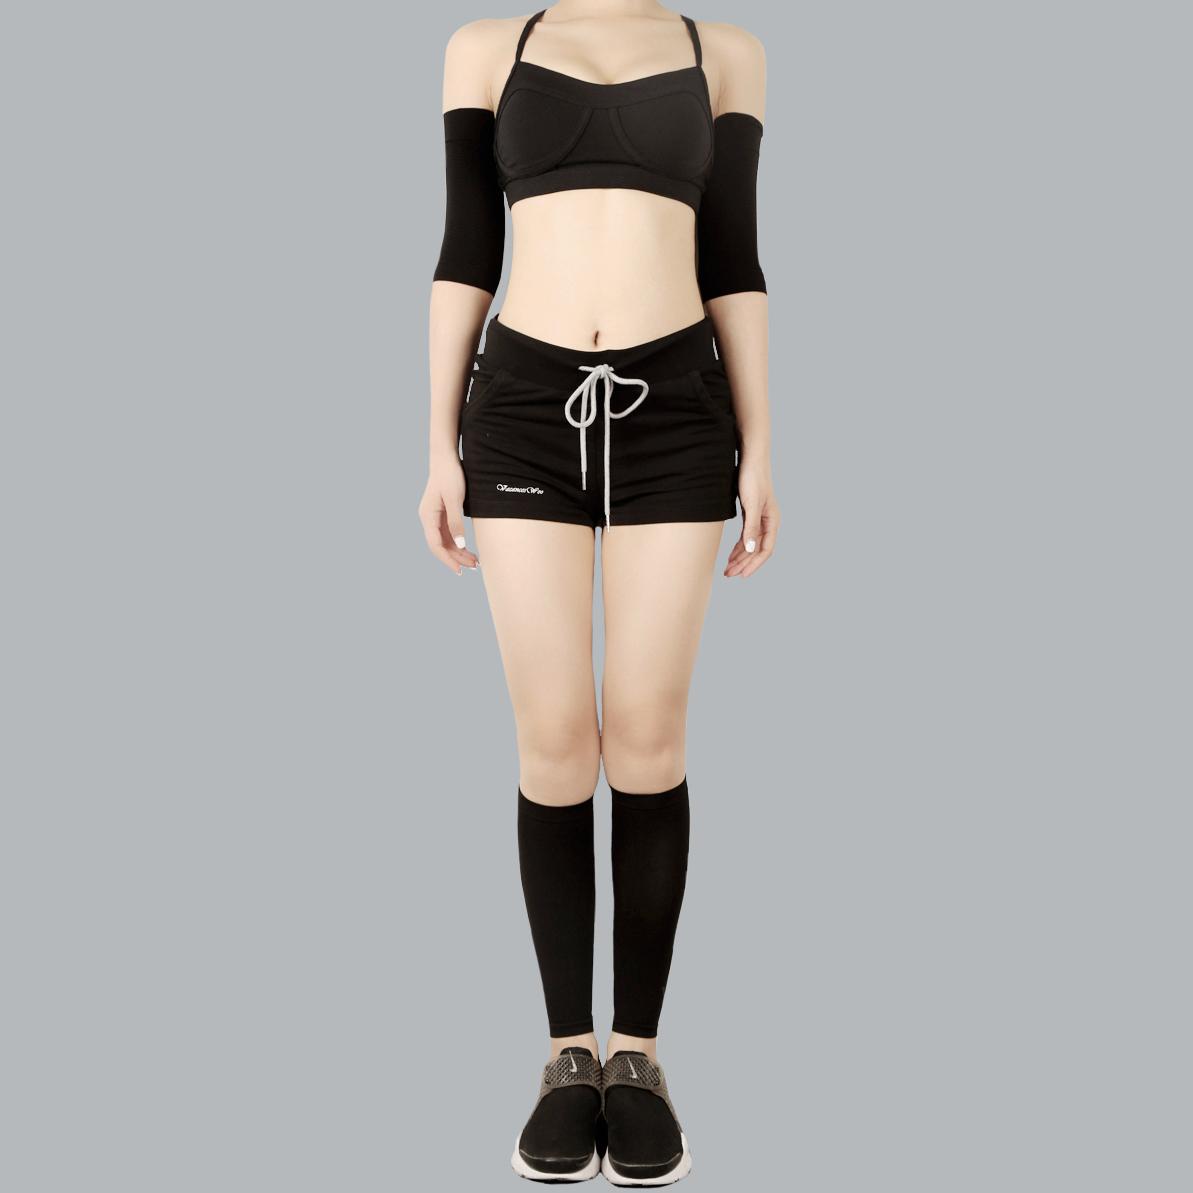 放松肌肉 改善蝴蝶袖拜拜袖瘦手臂 瘦小腿套 吸脂手术后可用